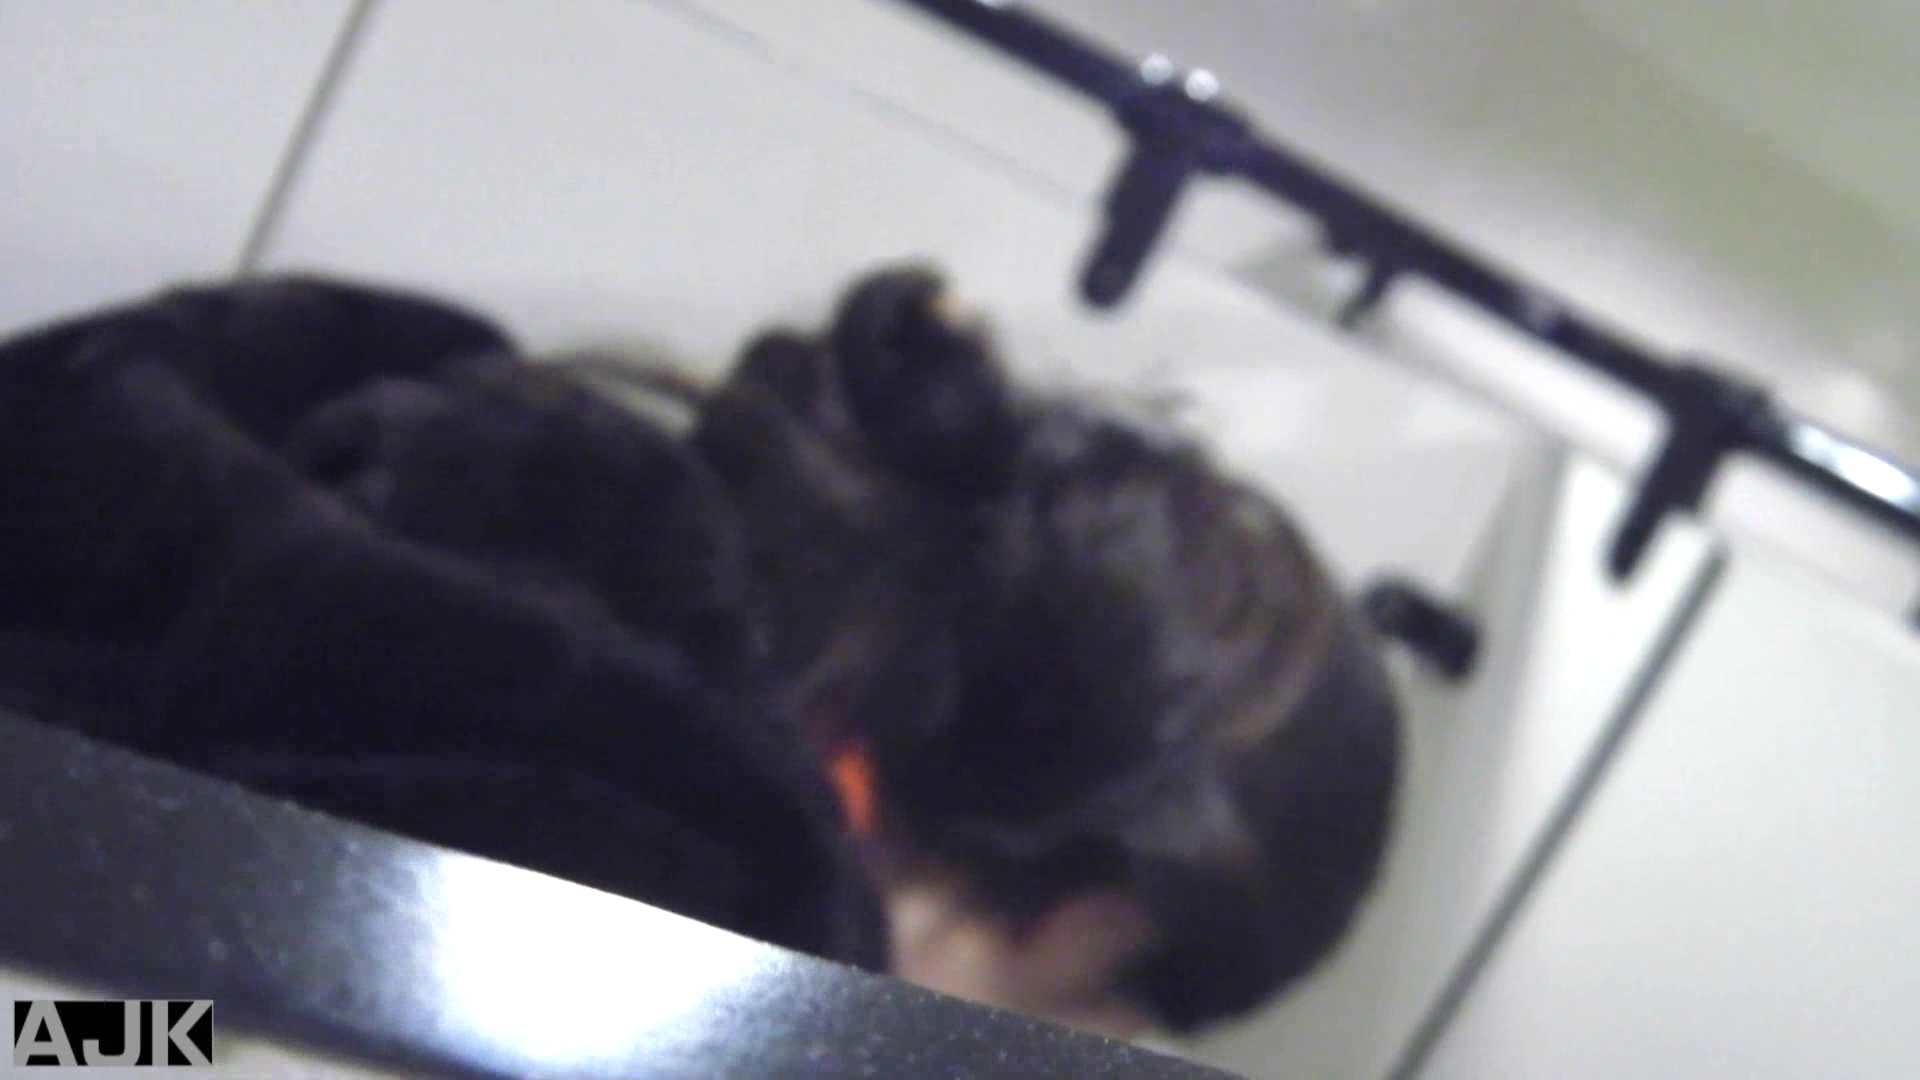 神降臨!史上最強の潜入かわや! vol.04 うんちカメラ エロ画像 104pic 87